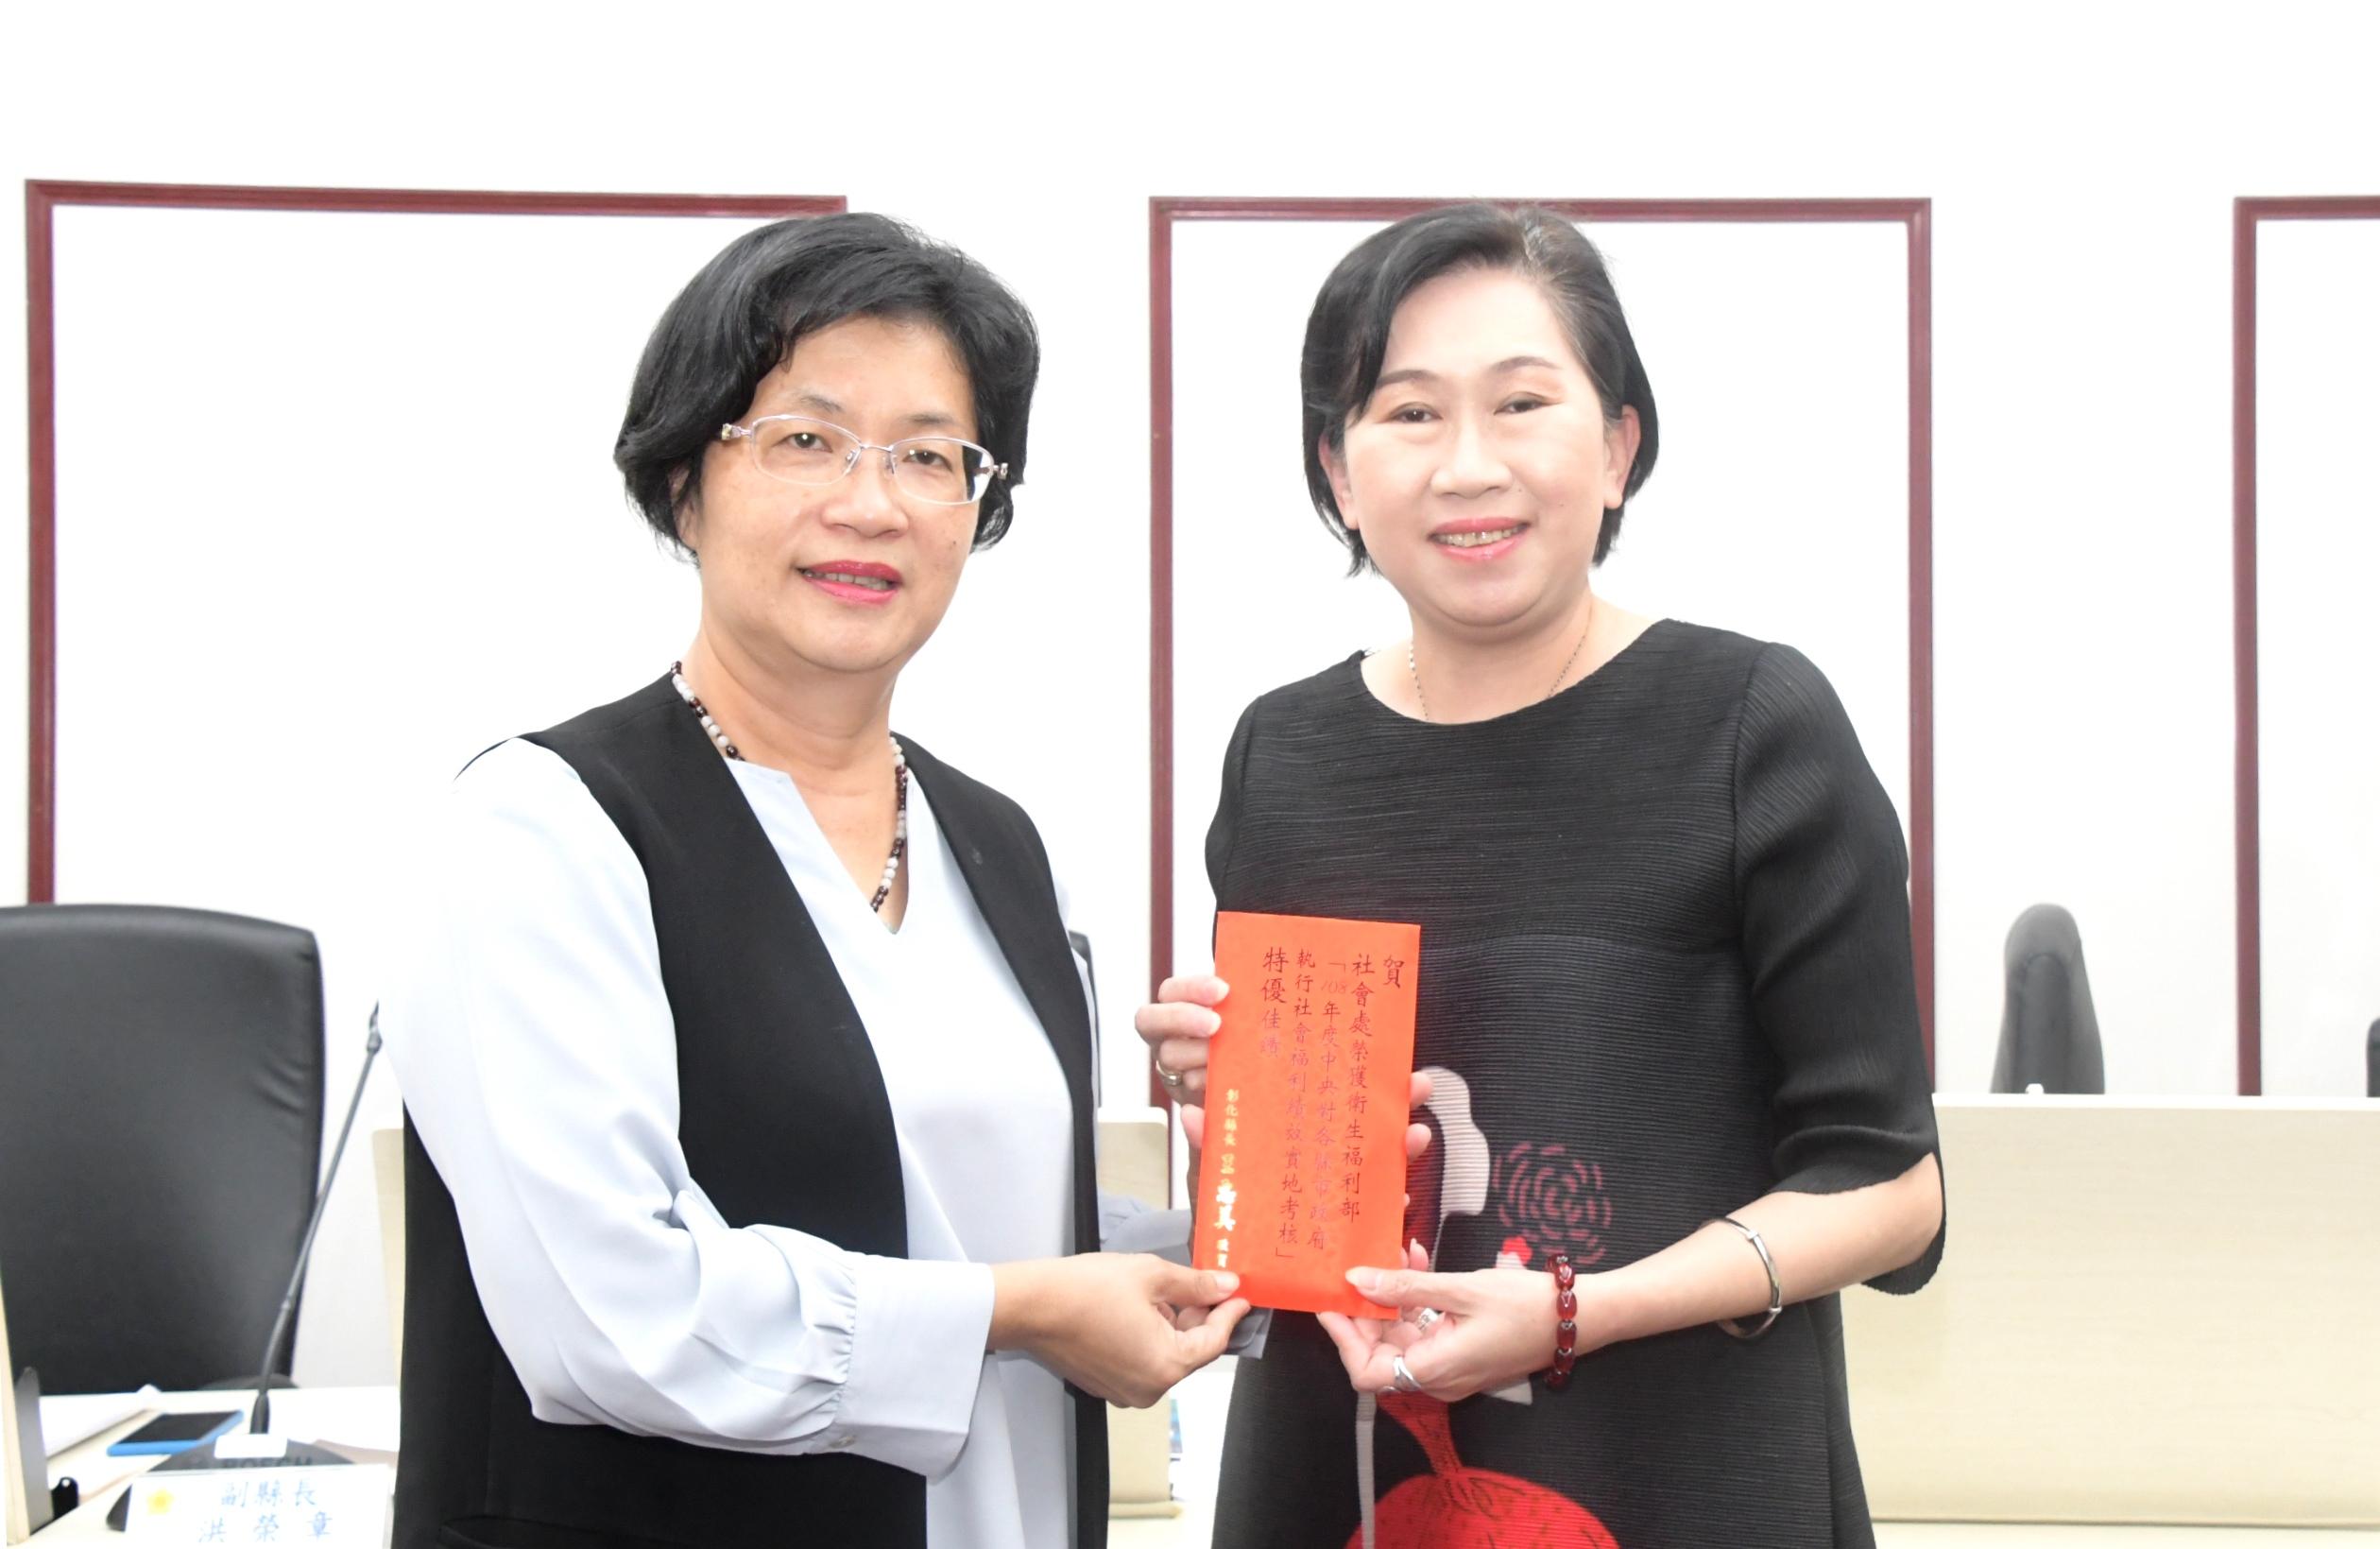 彰化縣政府榮獲108年度社會福利績效考核「特優」佳績 持續精進為民服務